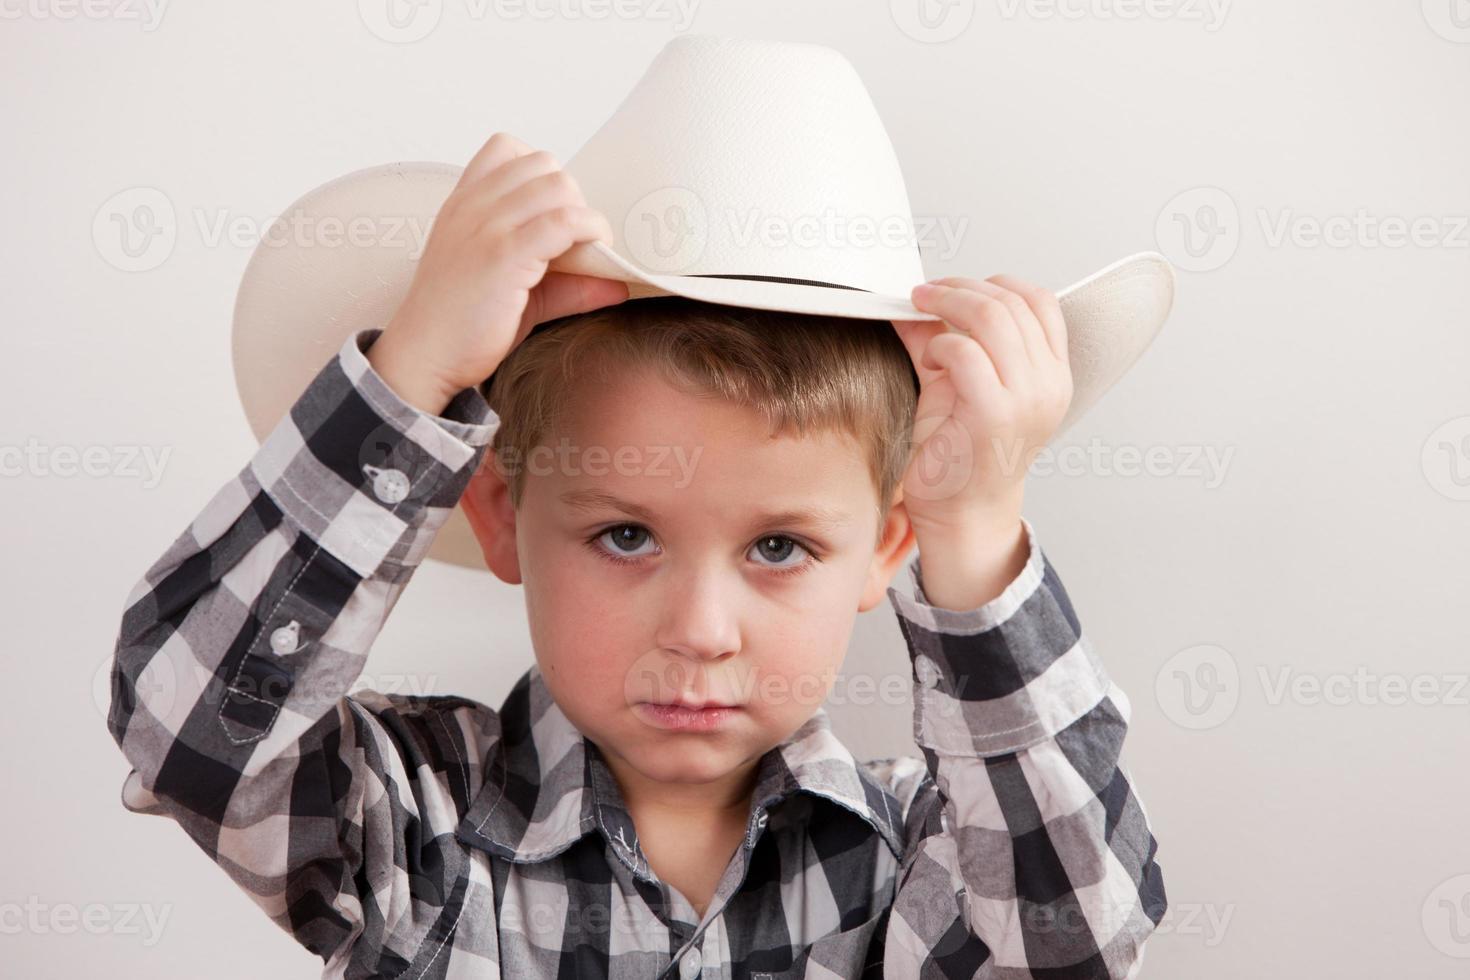 pessoas reais: cowboy sério menino caucasiano cabeça ombros foto